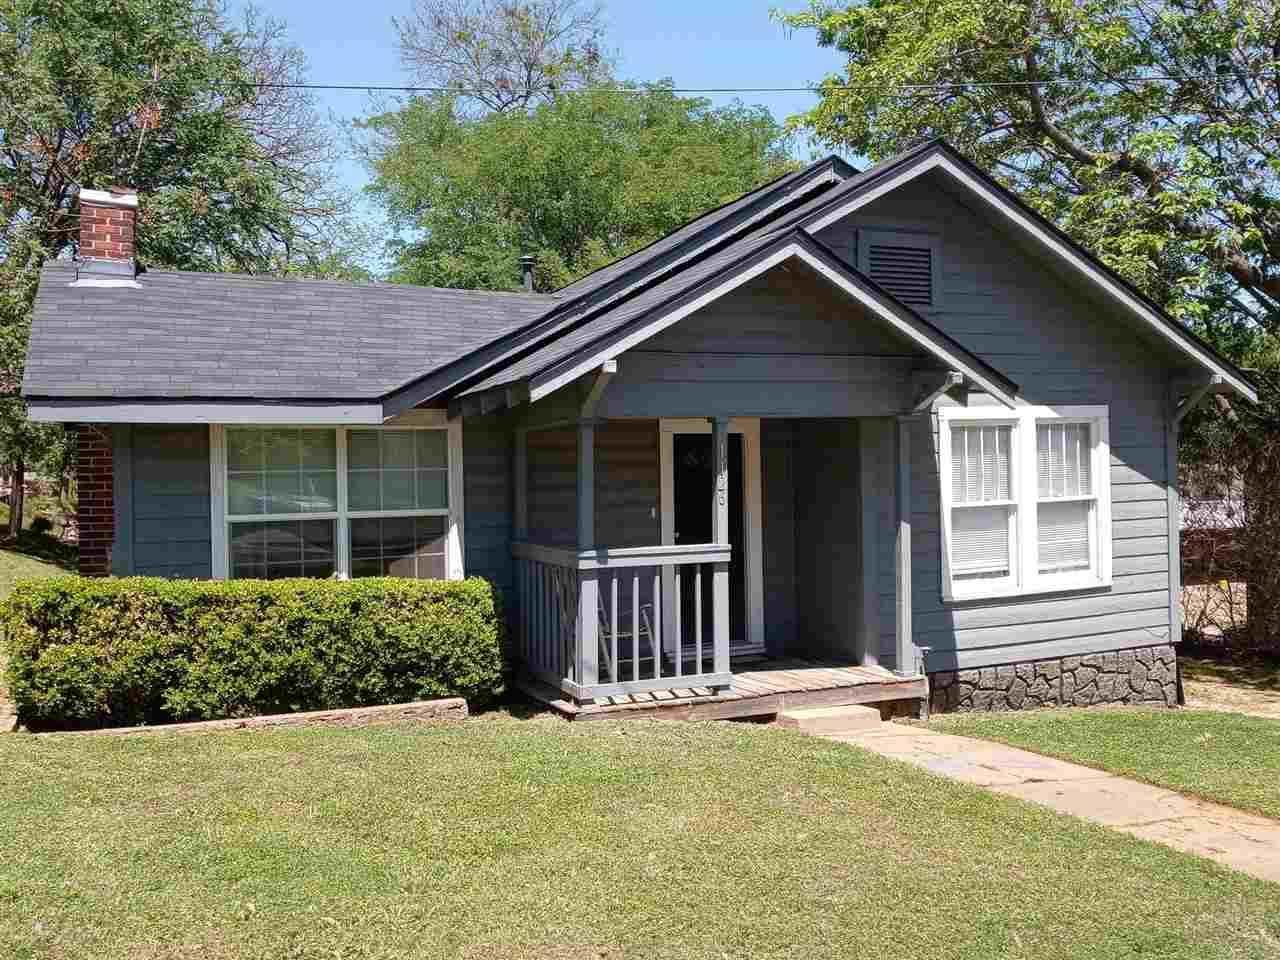 1126 Houston St - Photo 1